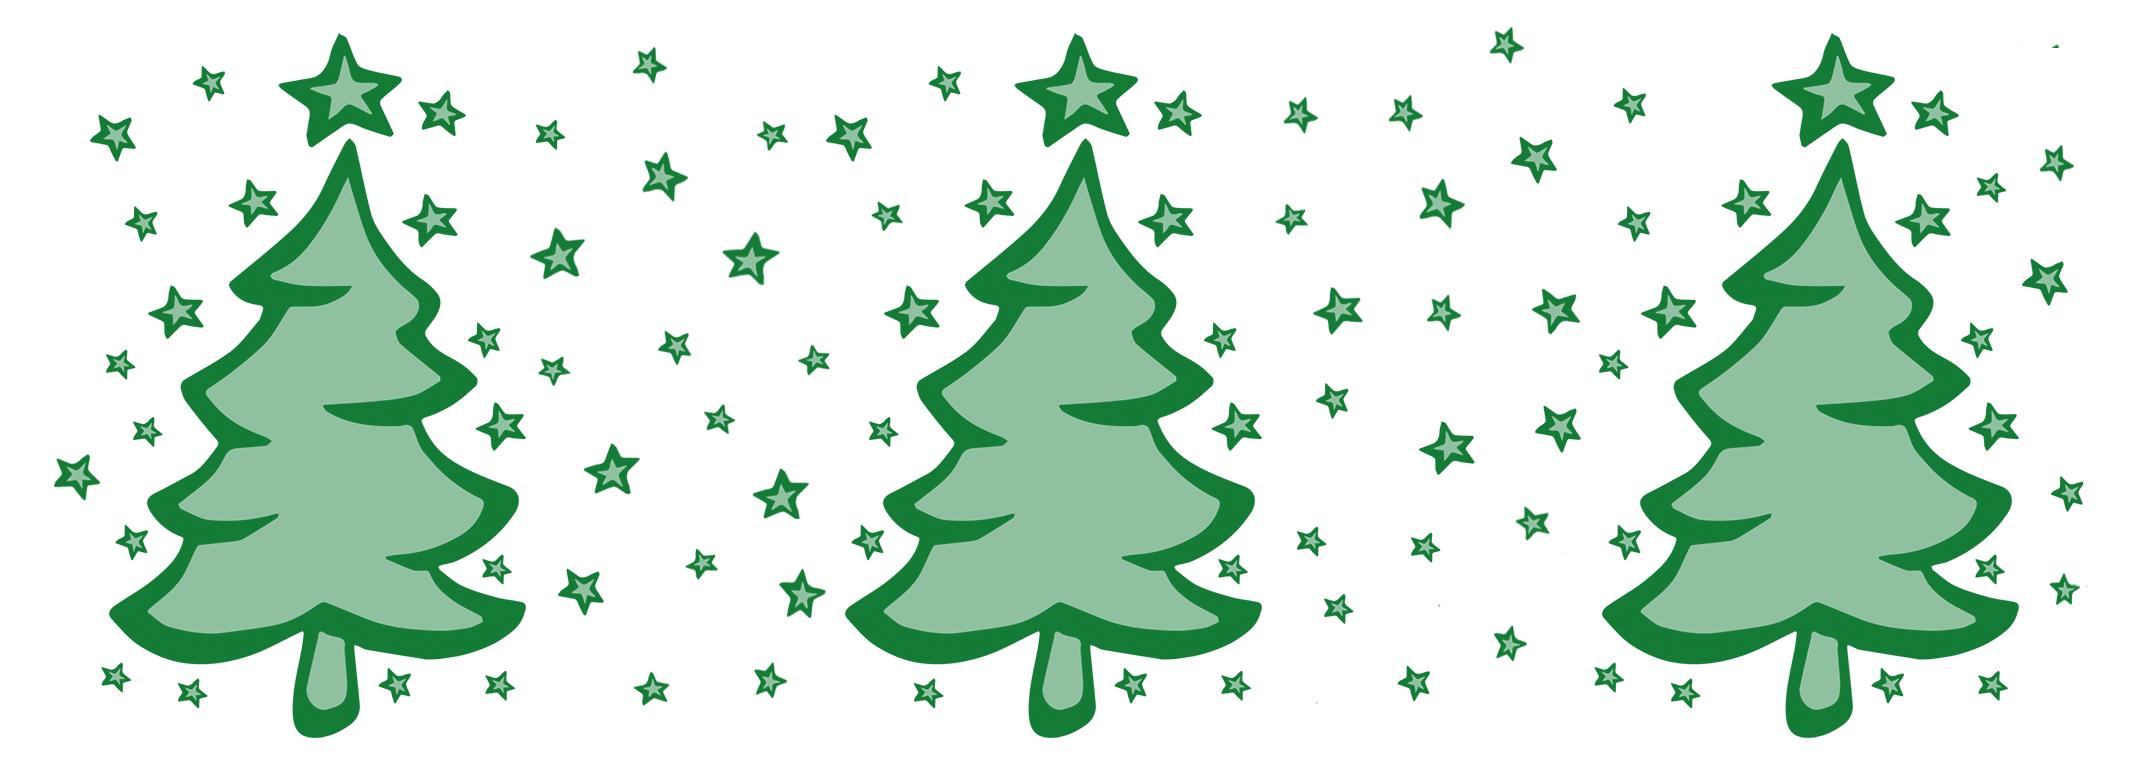 weihnachtsbaeume